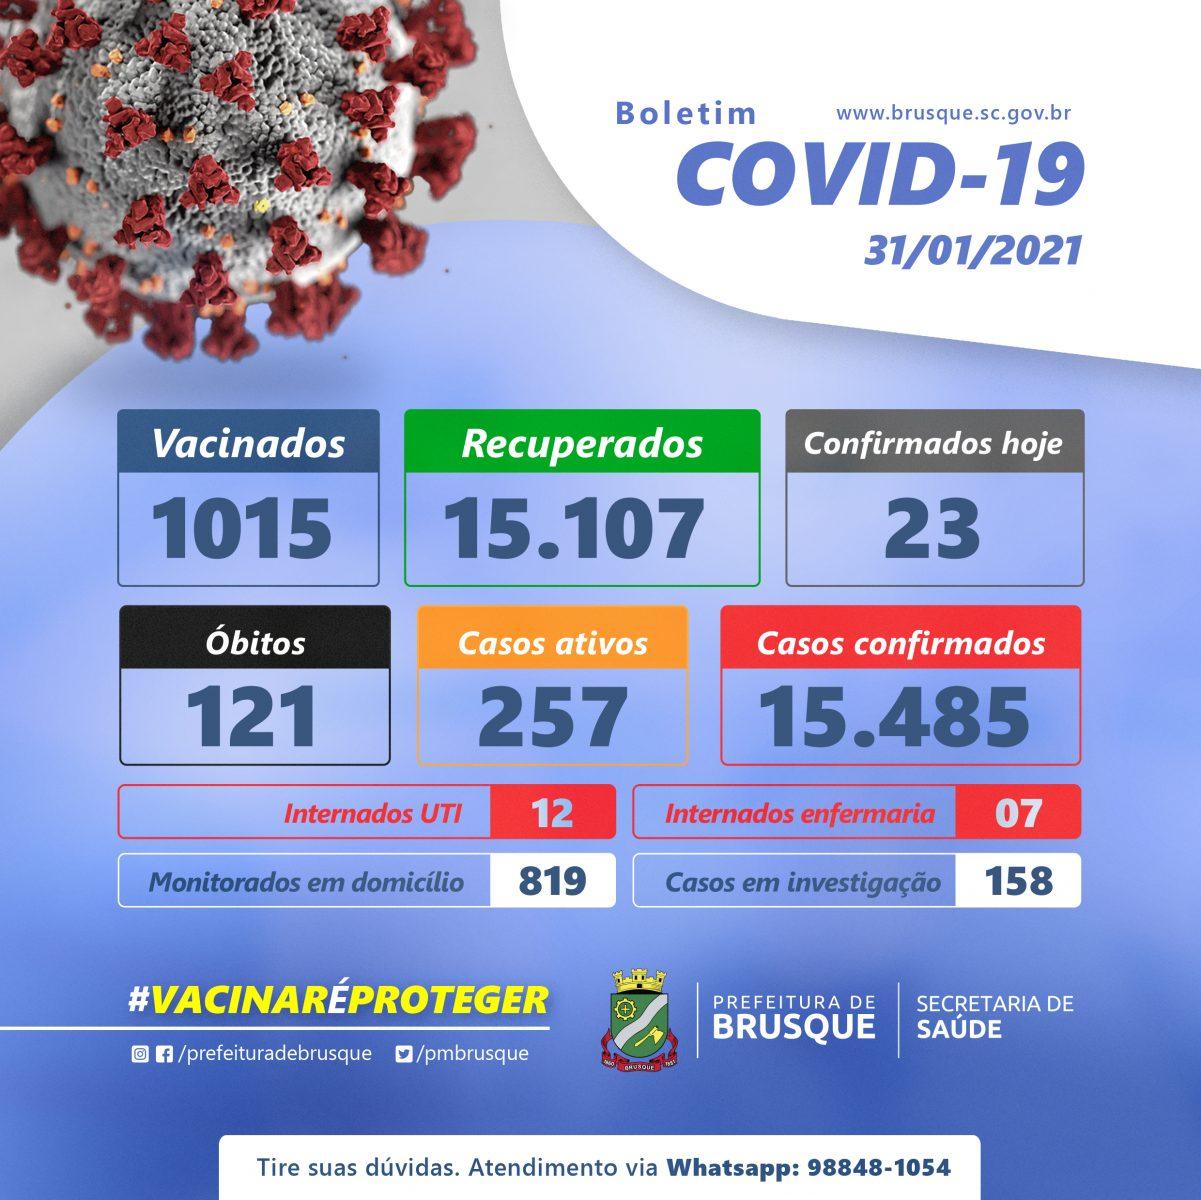 Covid-19: Confira o boletim epidemiológico deste domingo (31)